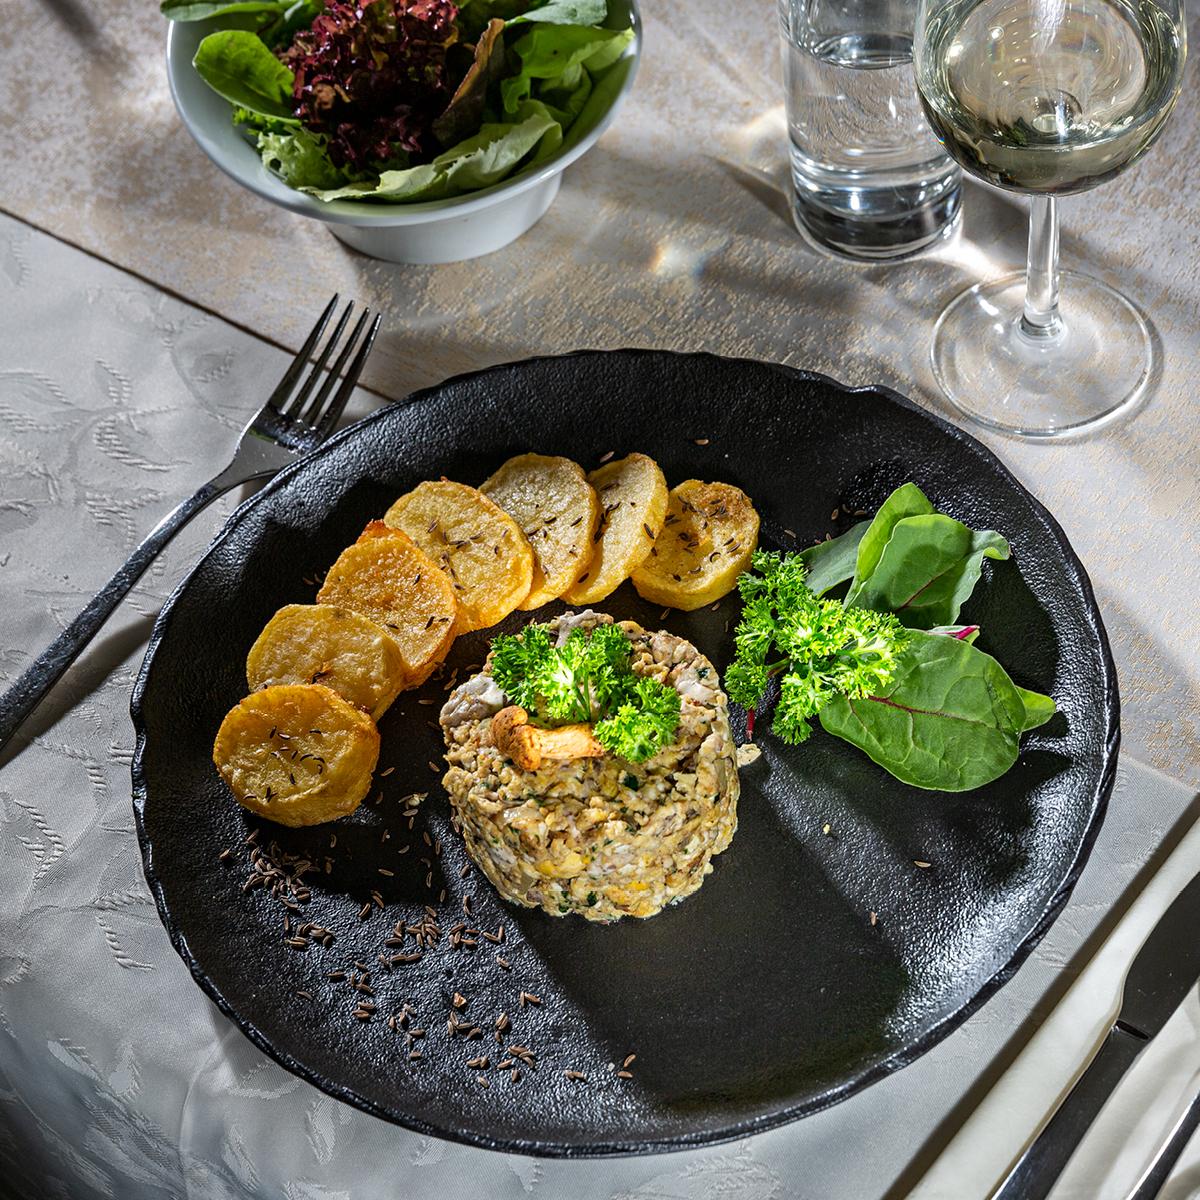 Das Bild zeigt eine köstliche Vorspeise auf einem fein gedeckten Tisch.